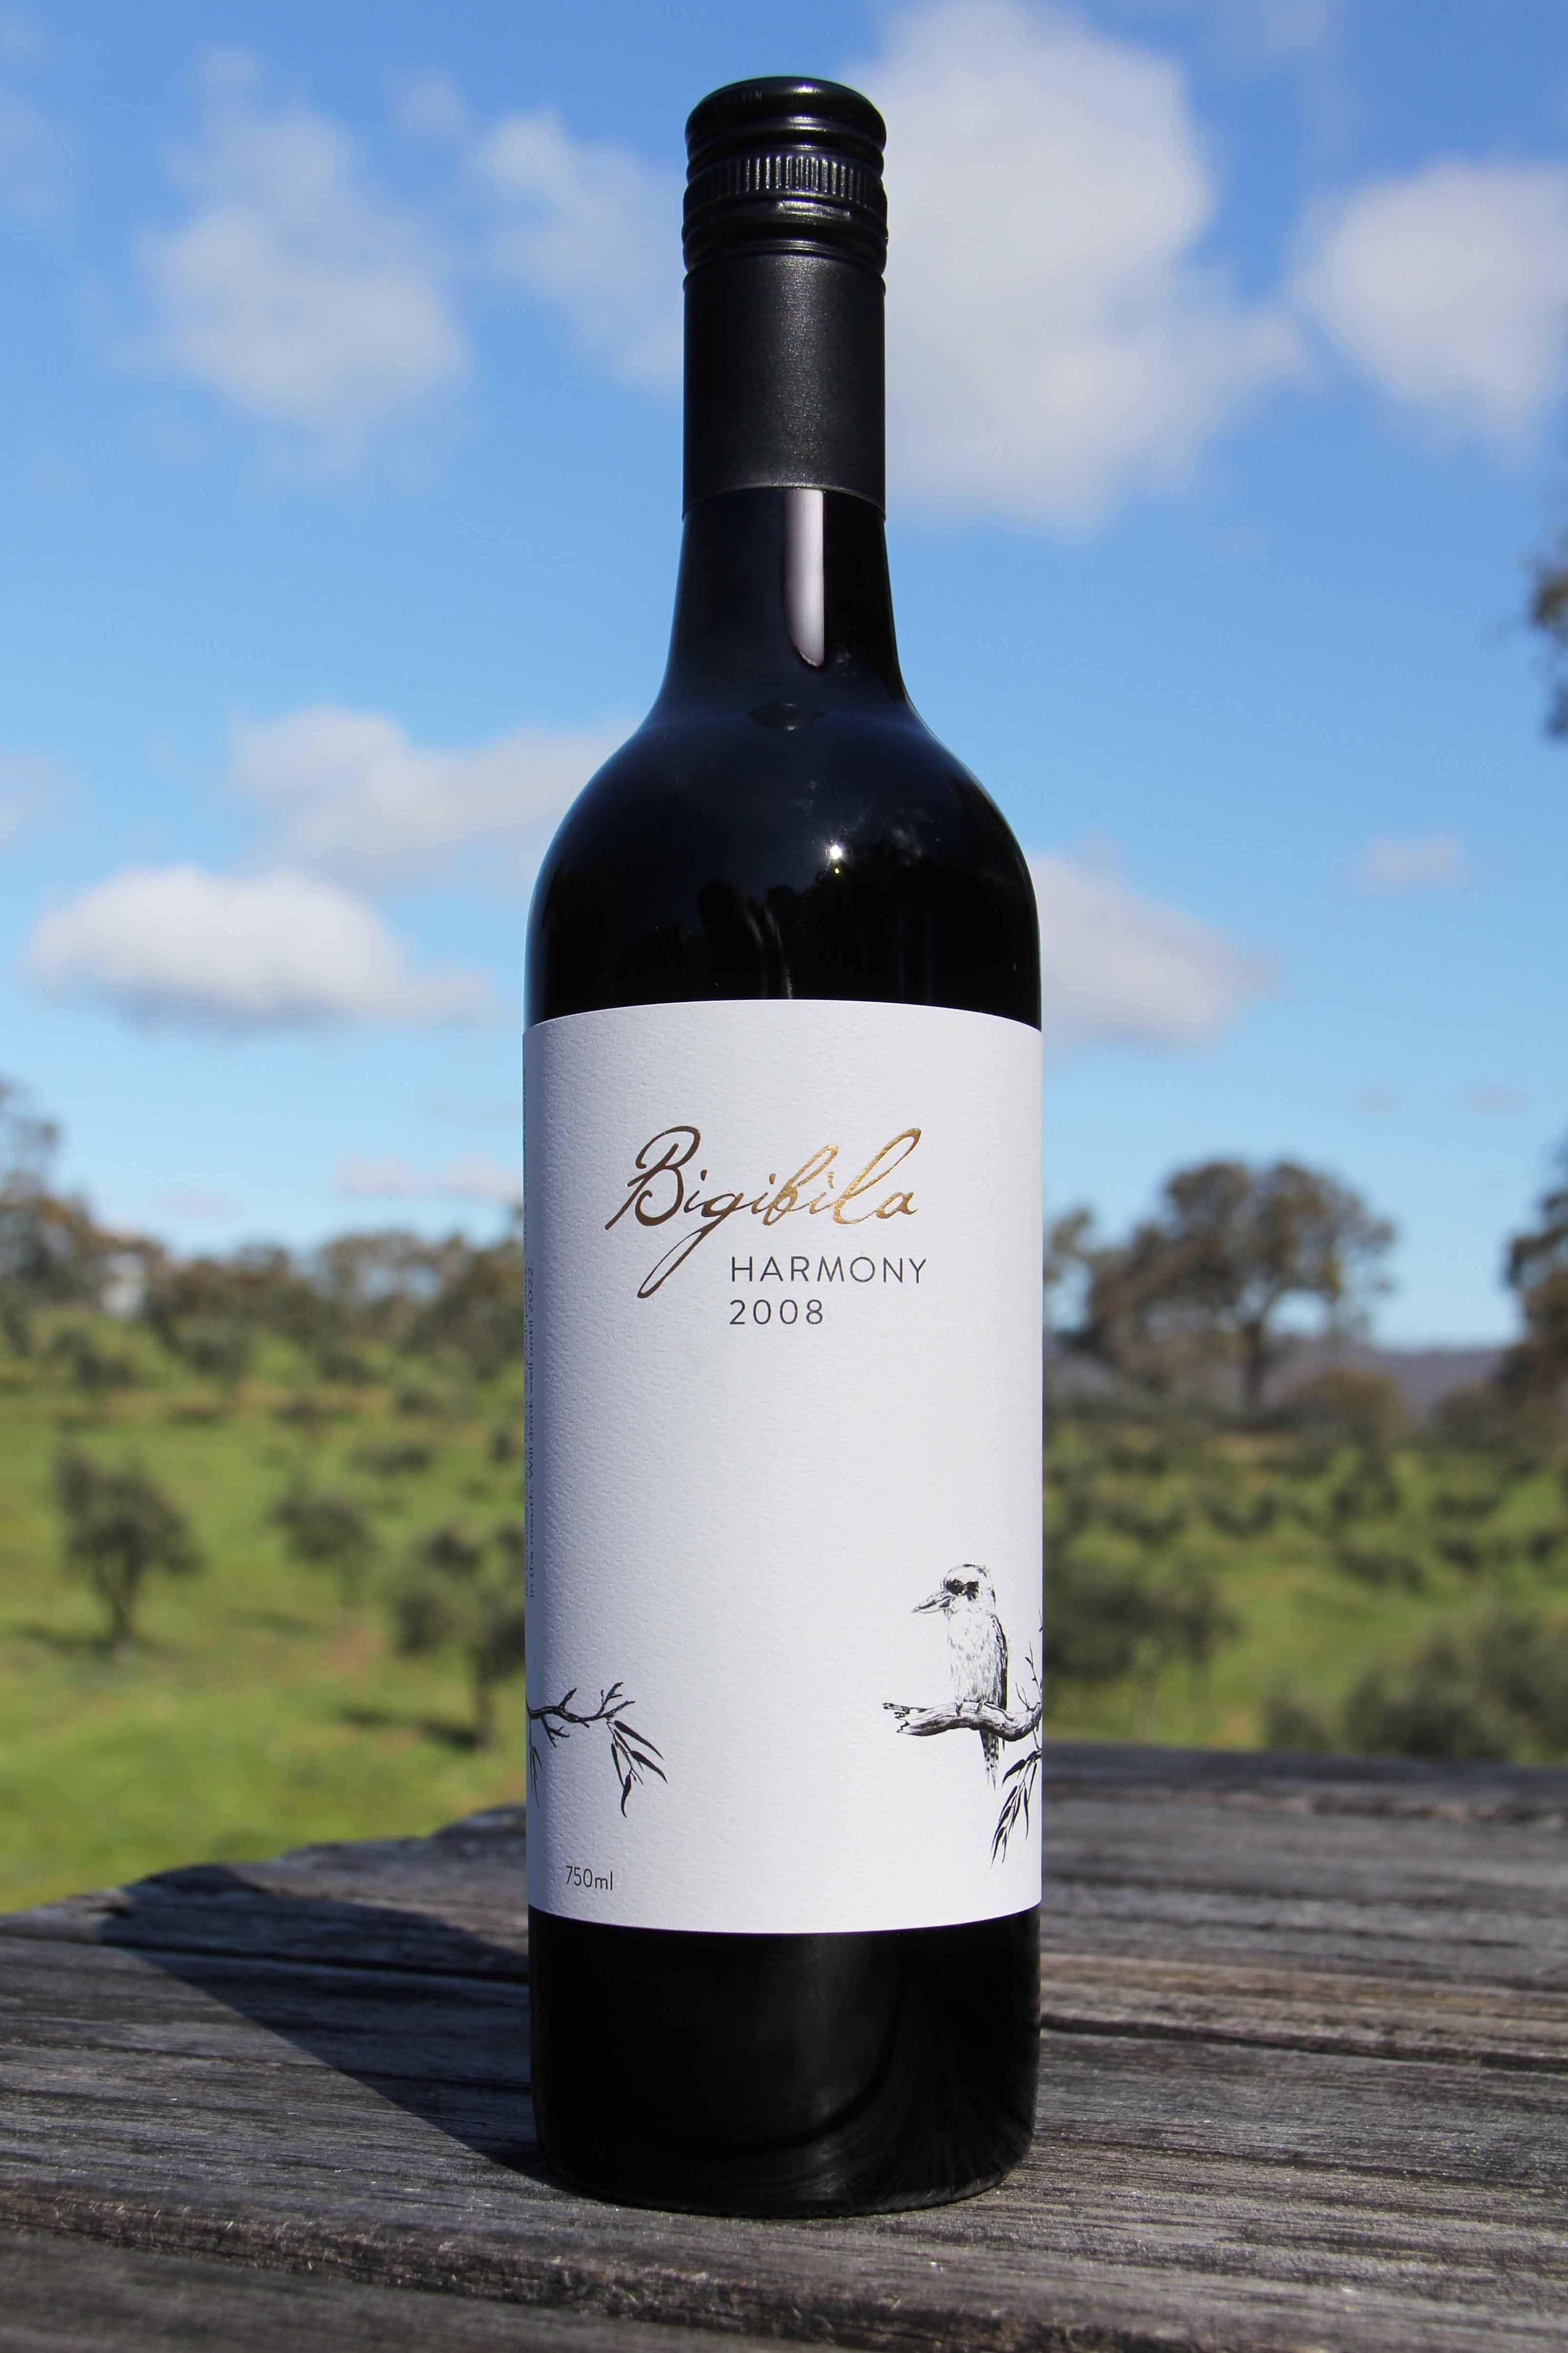 Bigibila Harmony. A beautifully harmonious blend of four red wine varieties. www.bigibila.com #kookaburra #harmony